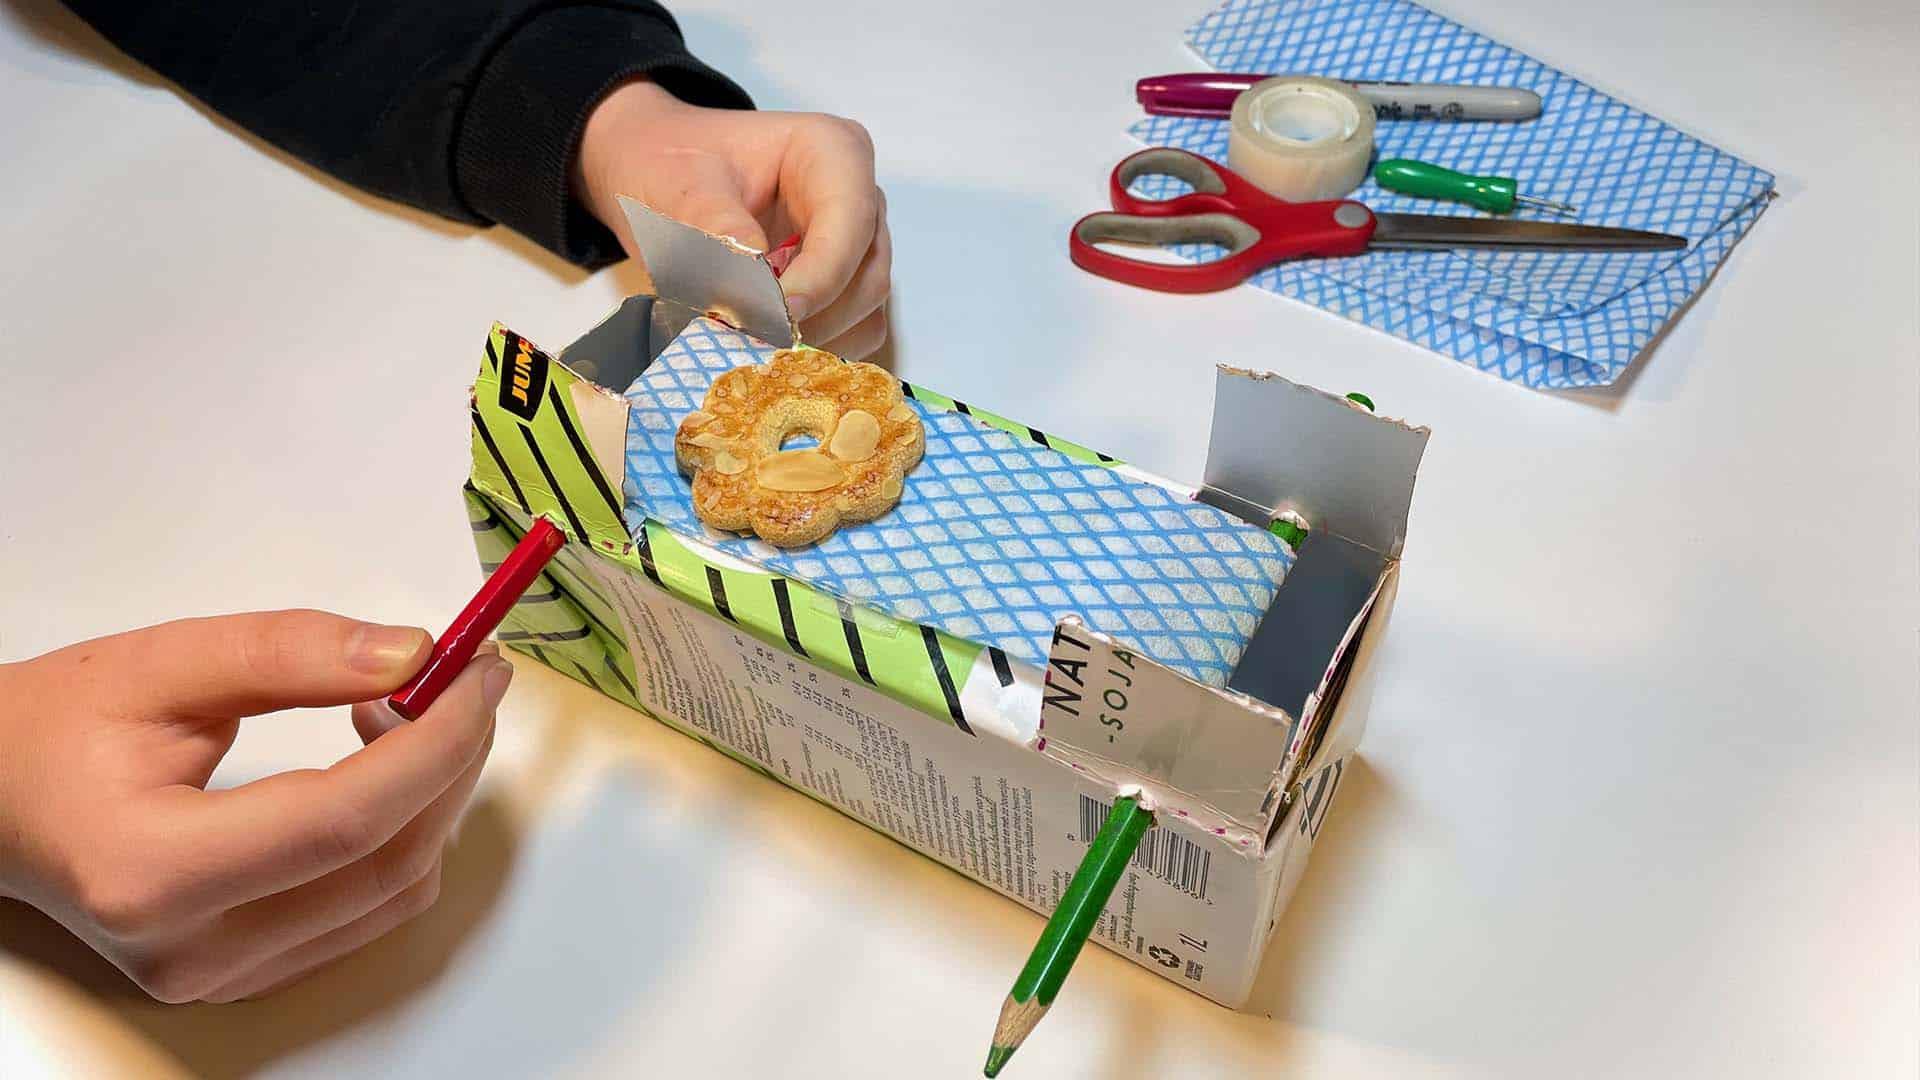 Algemene foto KidsLab workshops